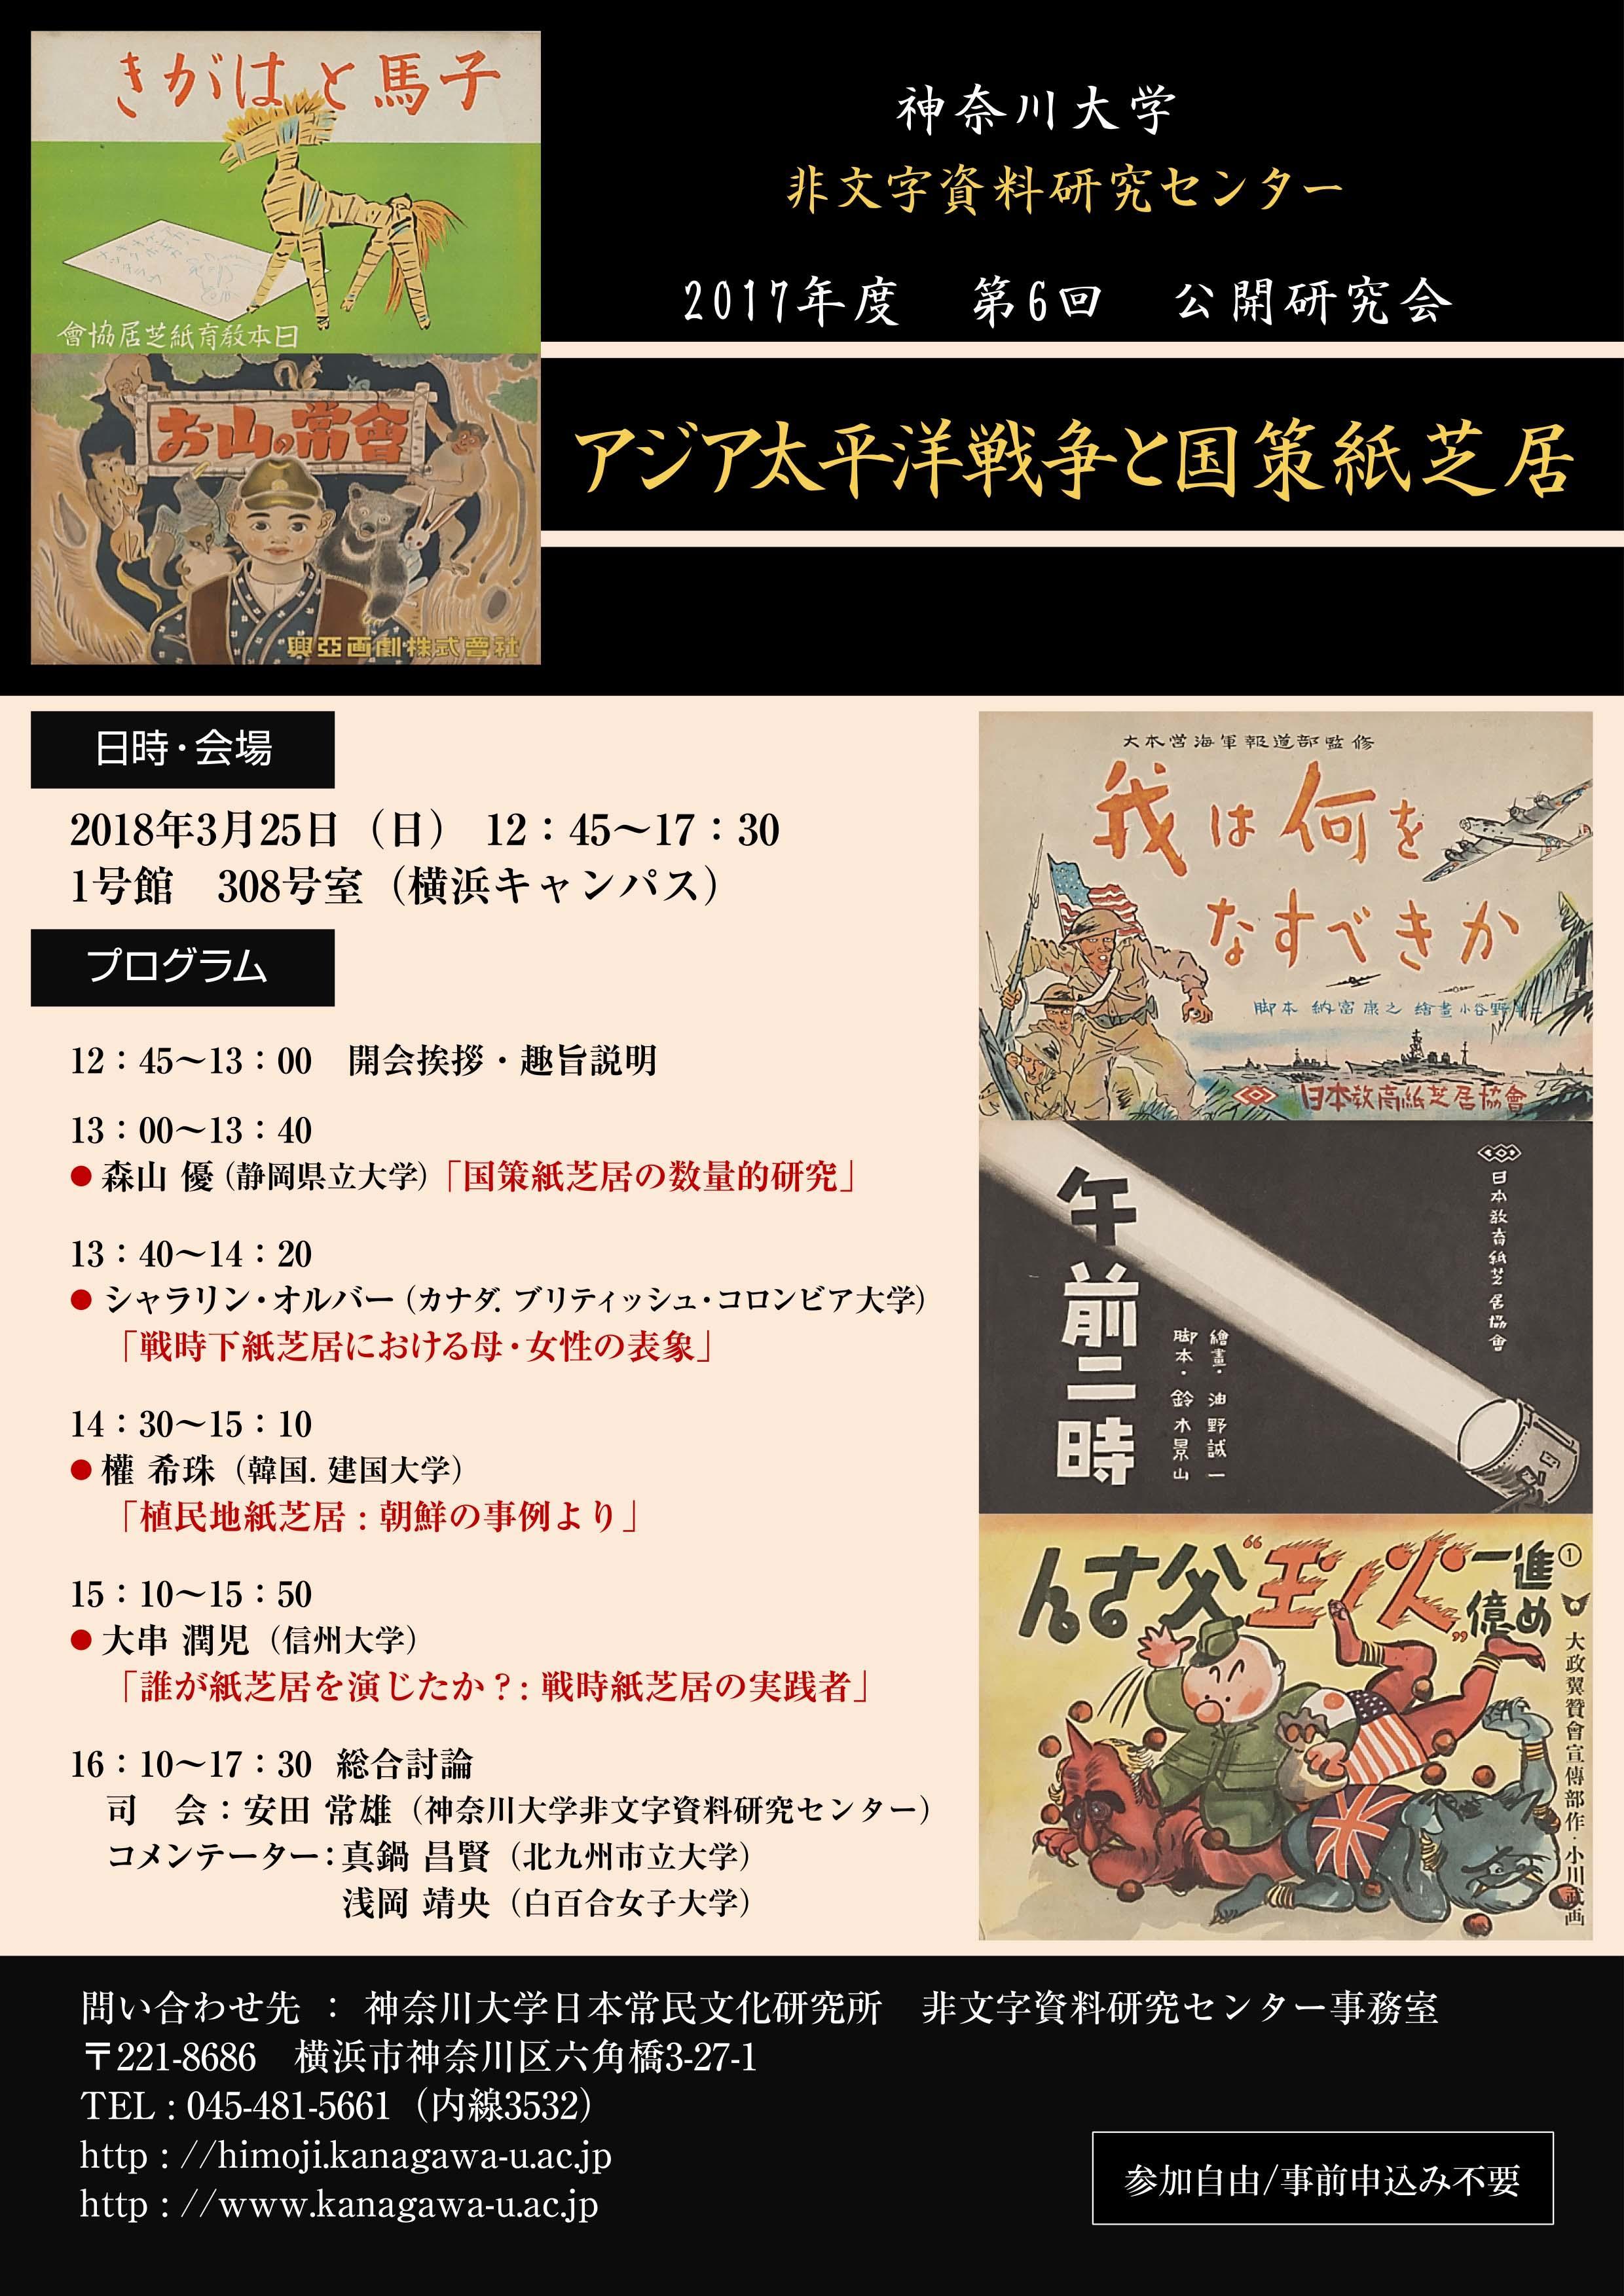 神奈川大学の非文字資料研究センターが、2017年度 第6回 公開研究会「アジア太平洋戦争と国策紙芝居」を開催